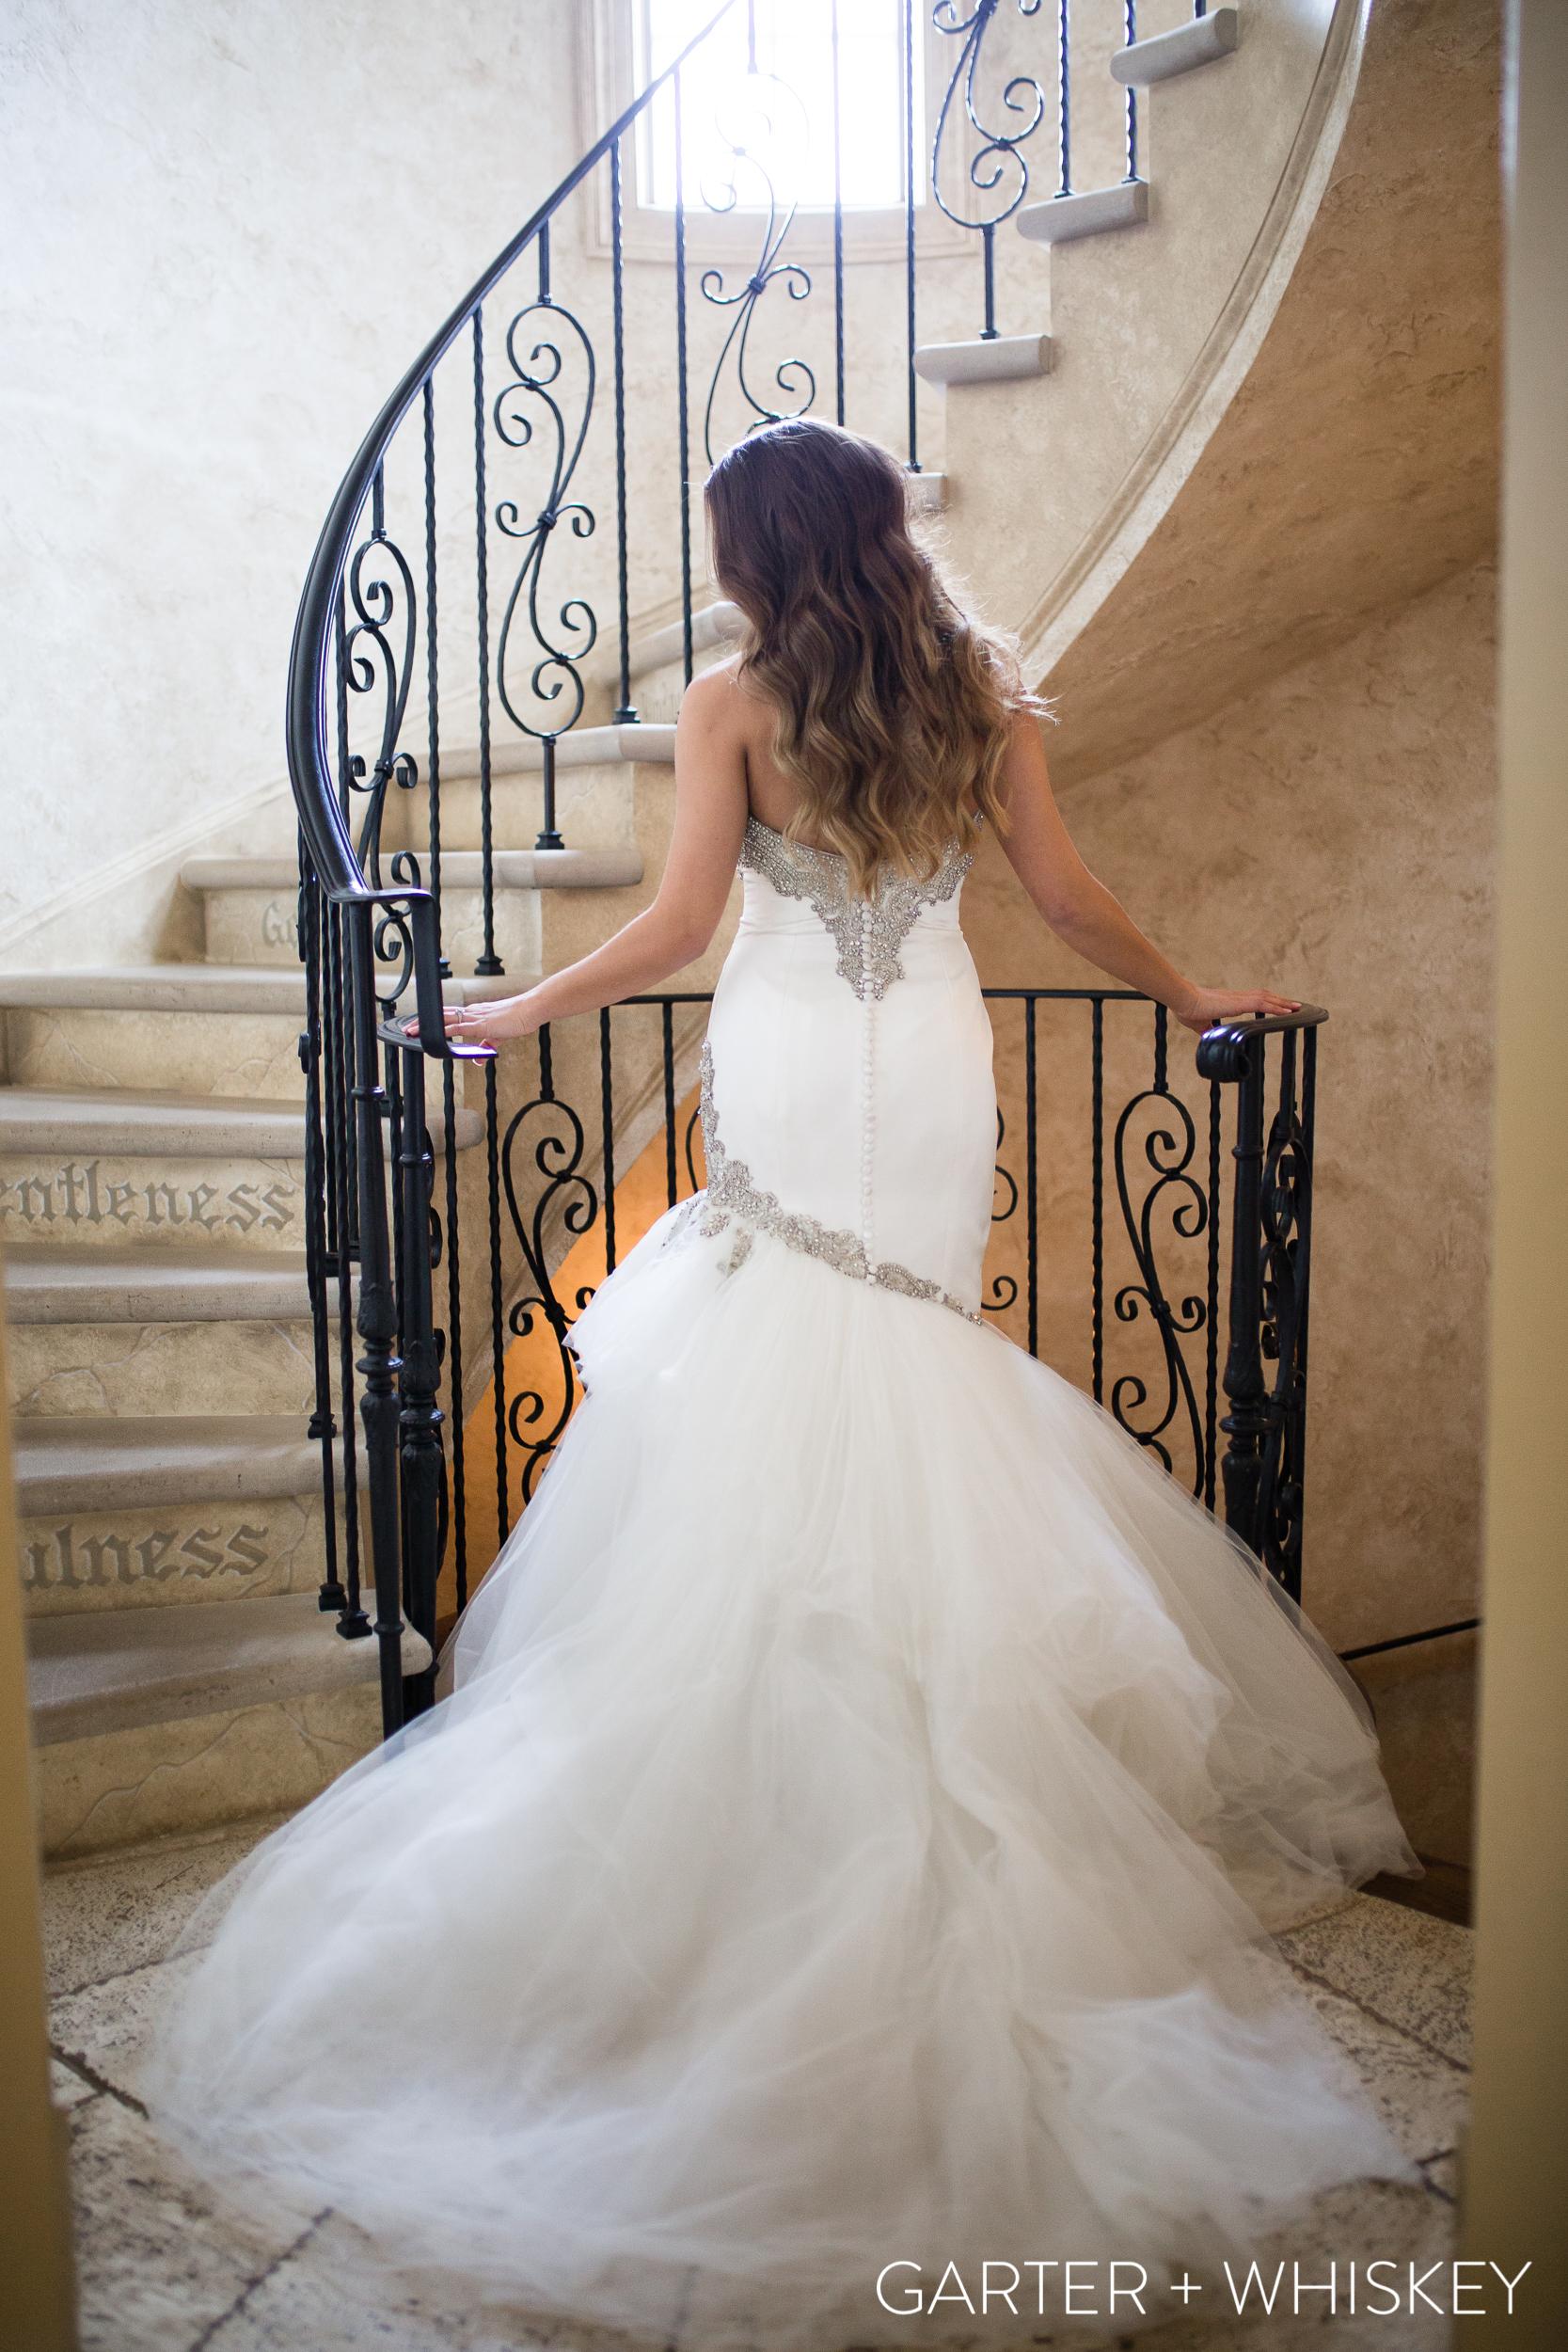 GY5A1386Laskey Wedding.jpg